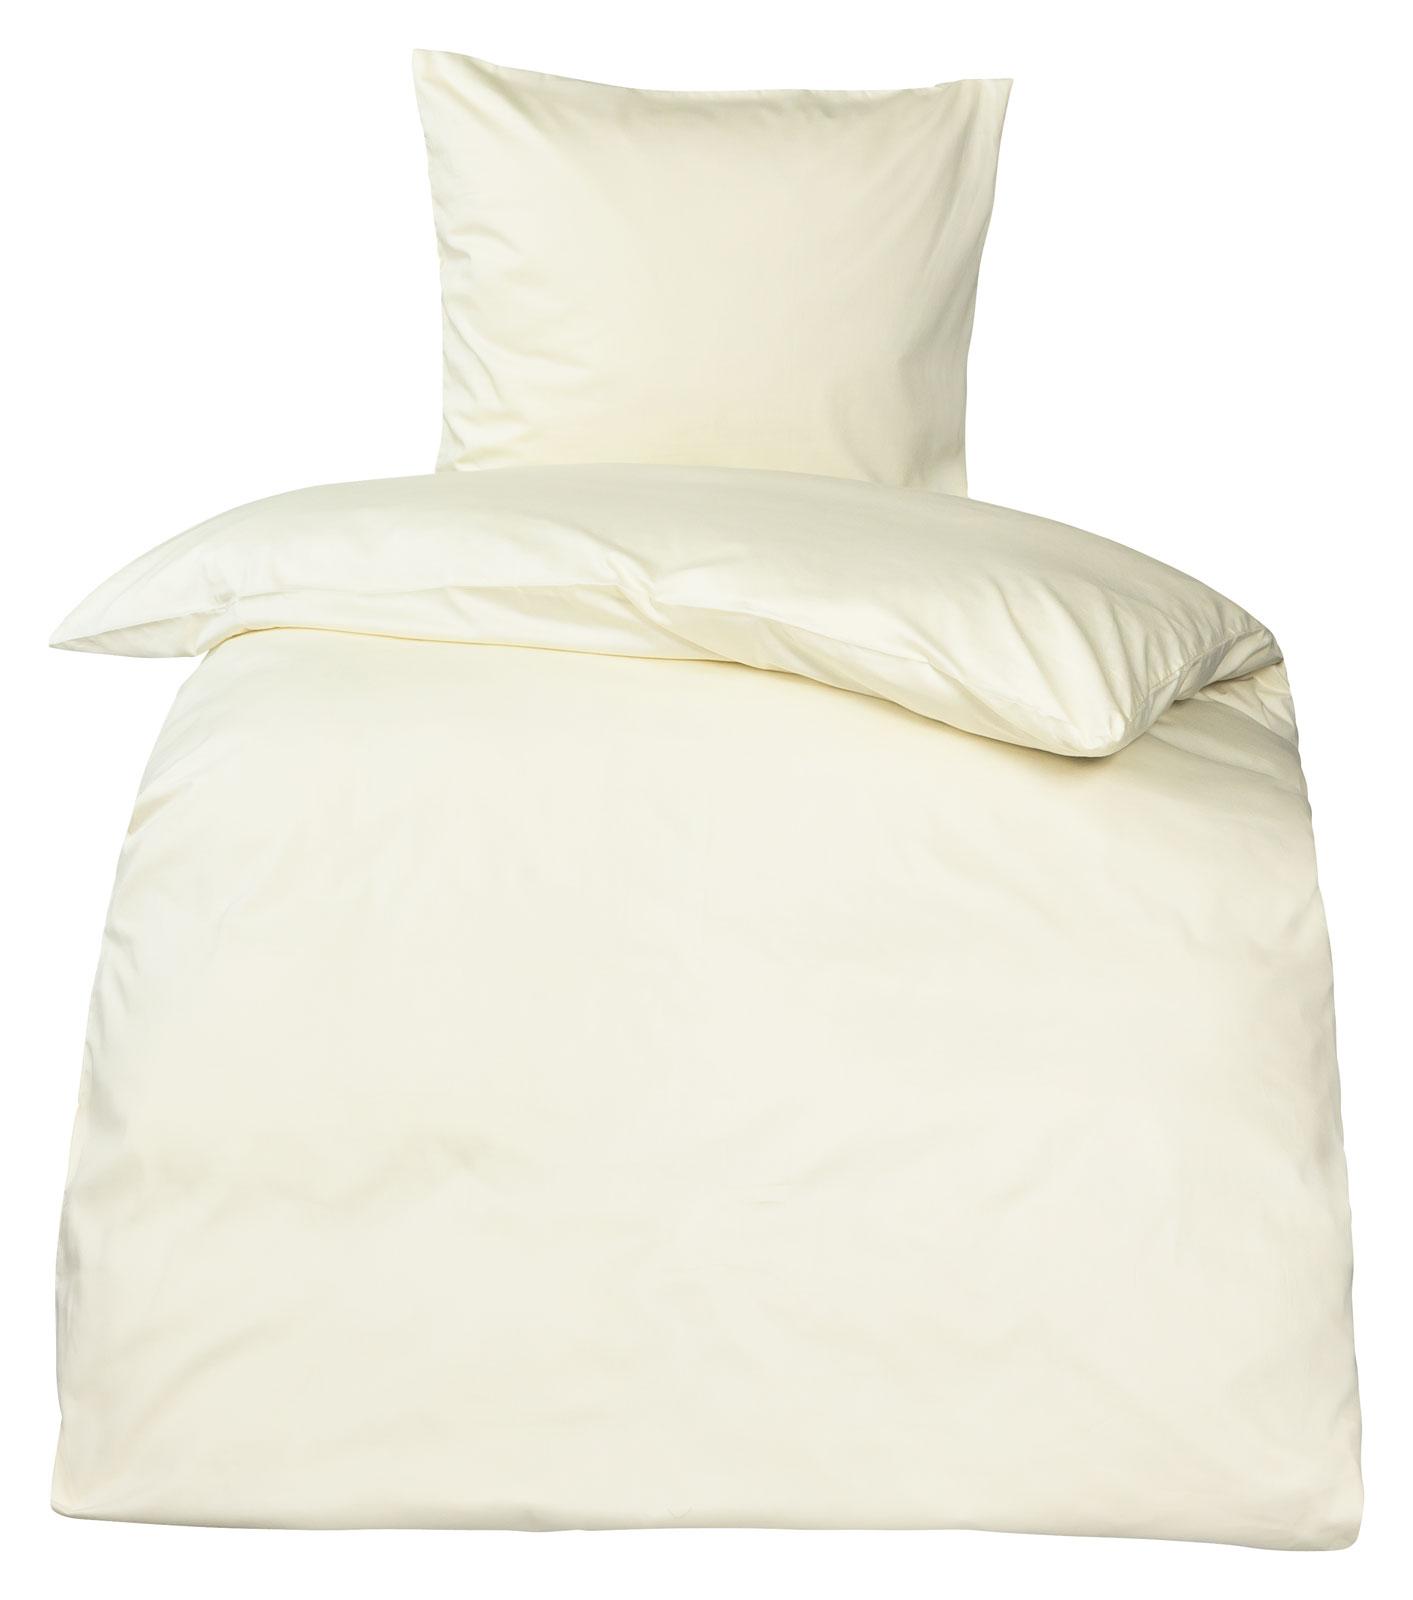 premium mako satin bettw sche uni moon 100 baumwolle. Black Bedroom Furniture Sets. Home Design Ideas